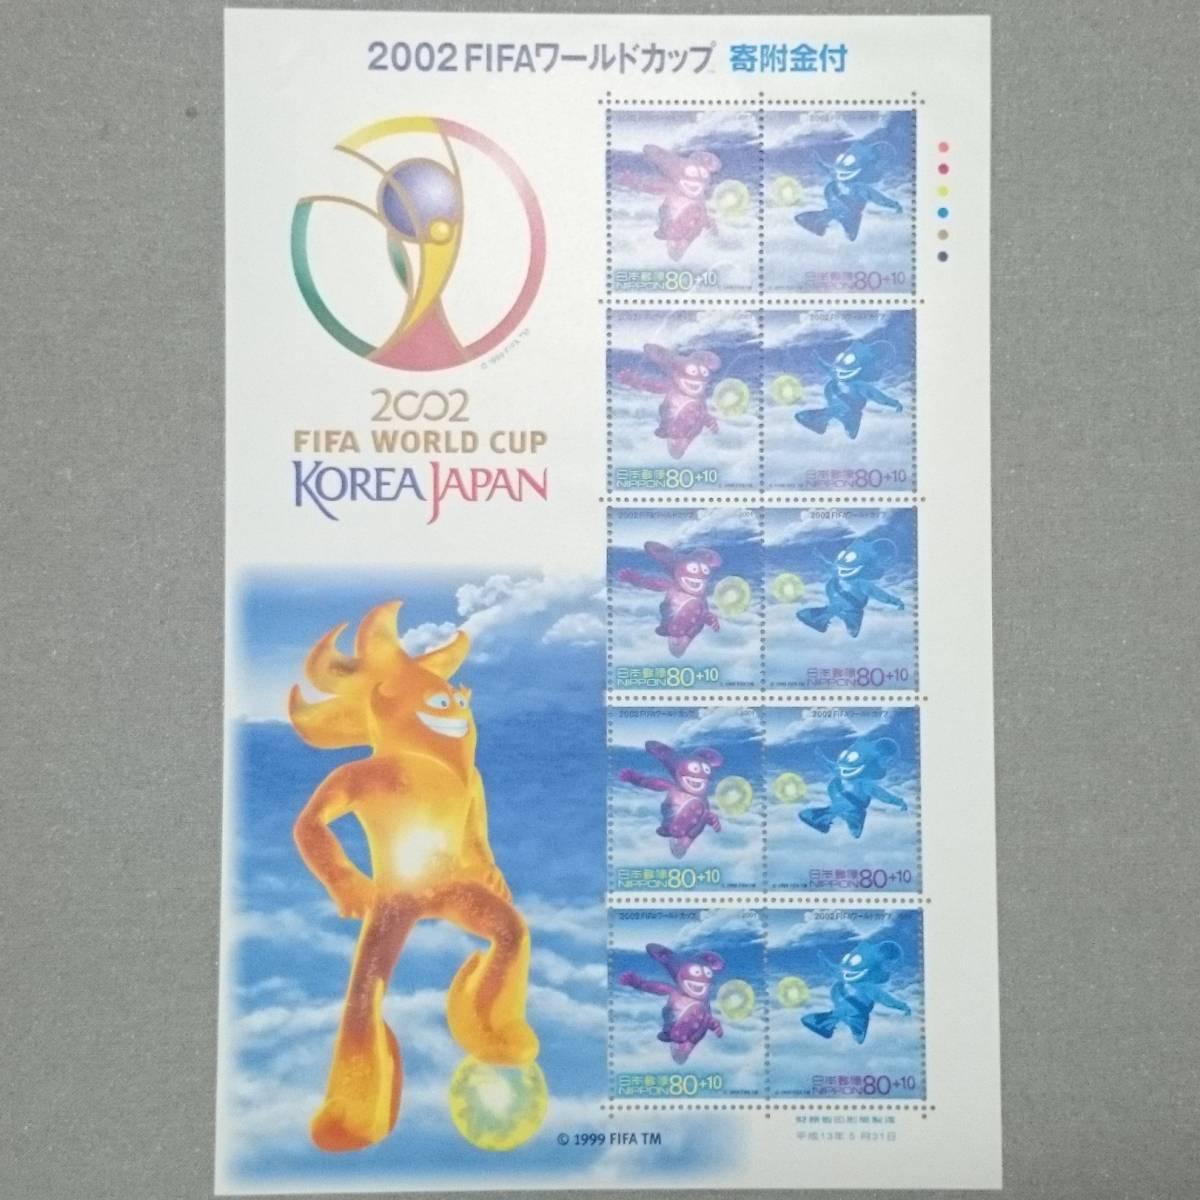 【未使用】2002 FIFA ワールドカップ 寄付金付 2001年/平成13年 切手 シート 80円×10枚 800円分 サッカー KOREA JAPAN WORLD CUP 記念